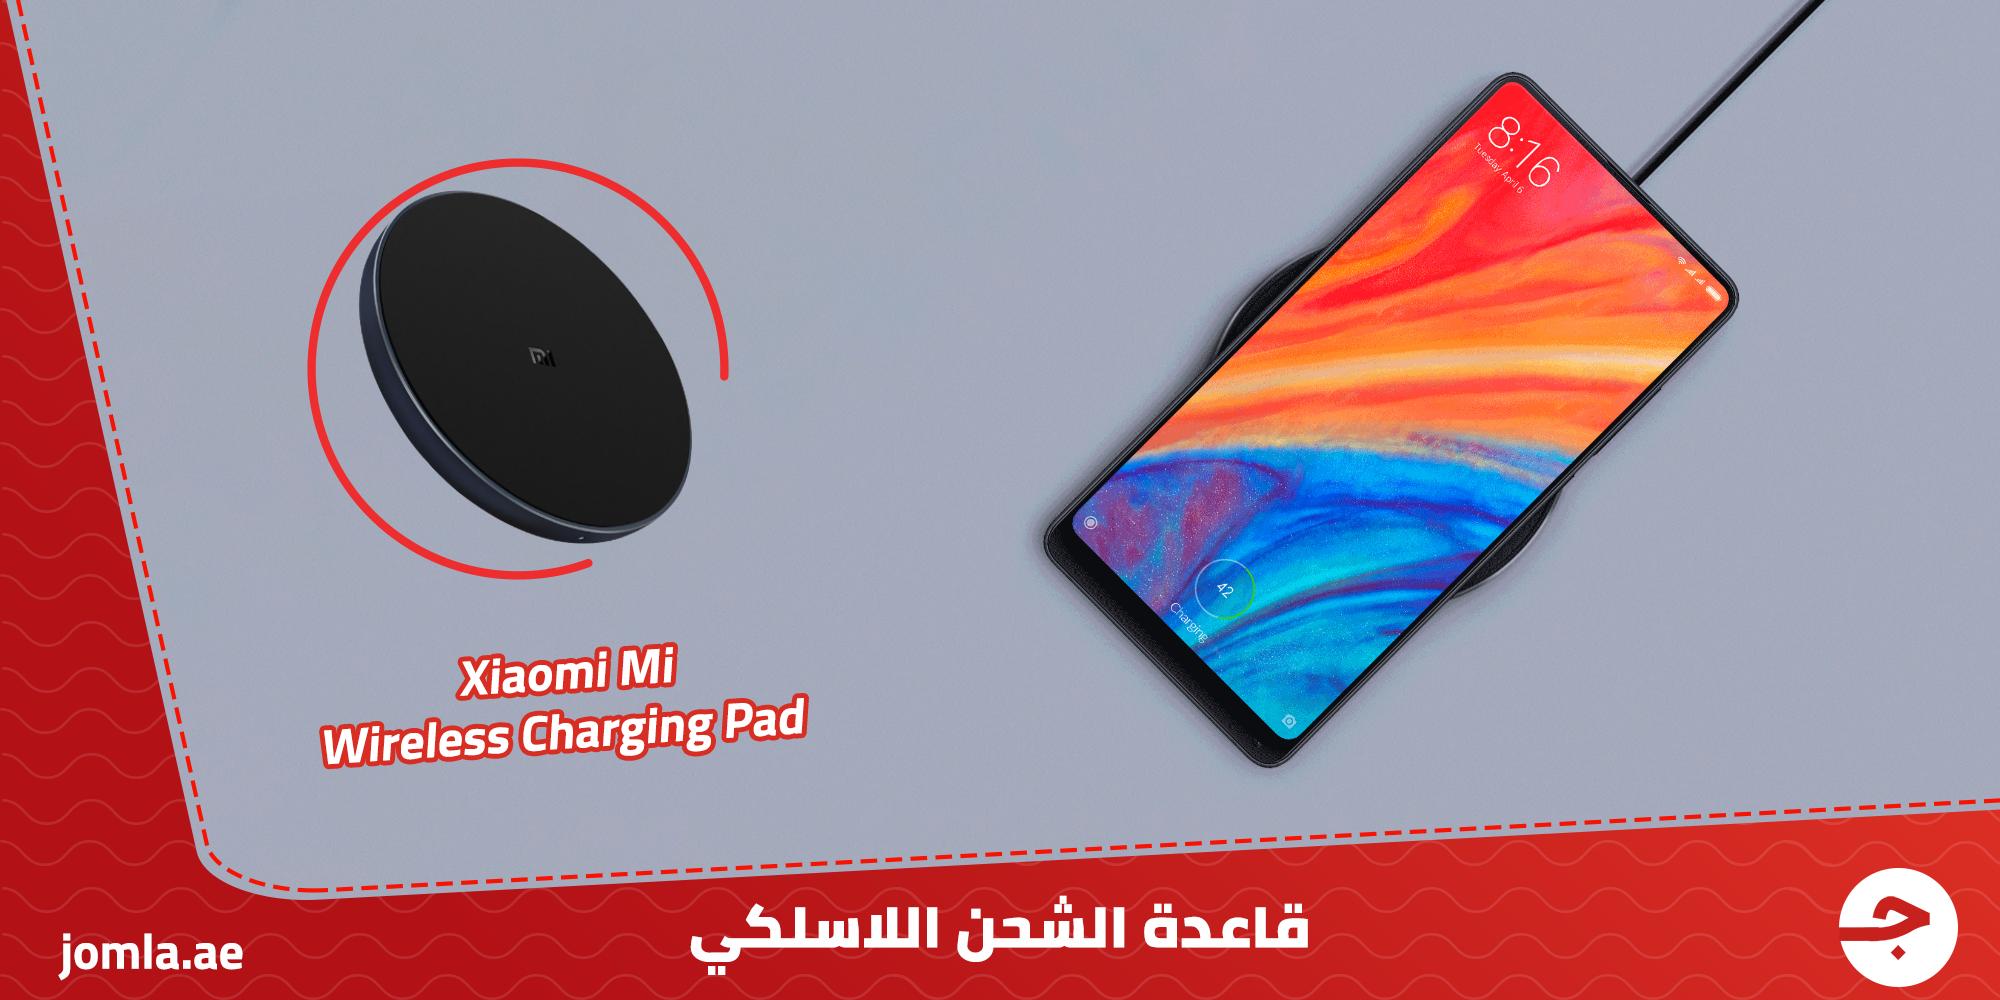 قاعدة الشحن اللاسلكي - شاومي Xiaomi Mi Wireless Charger